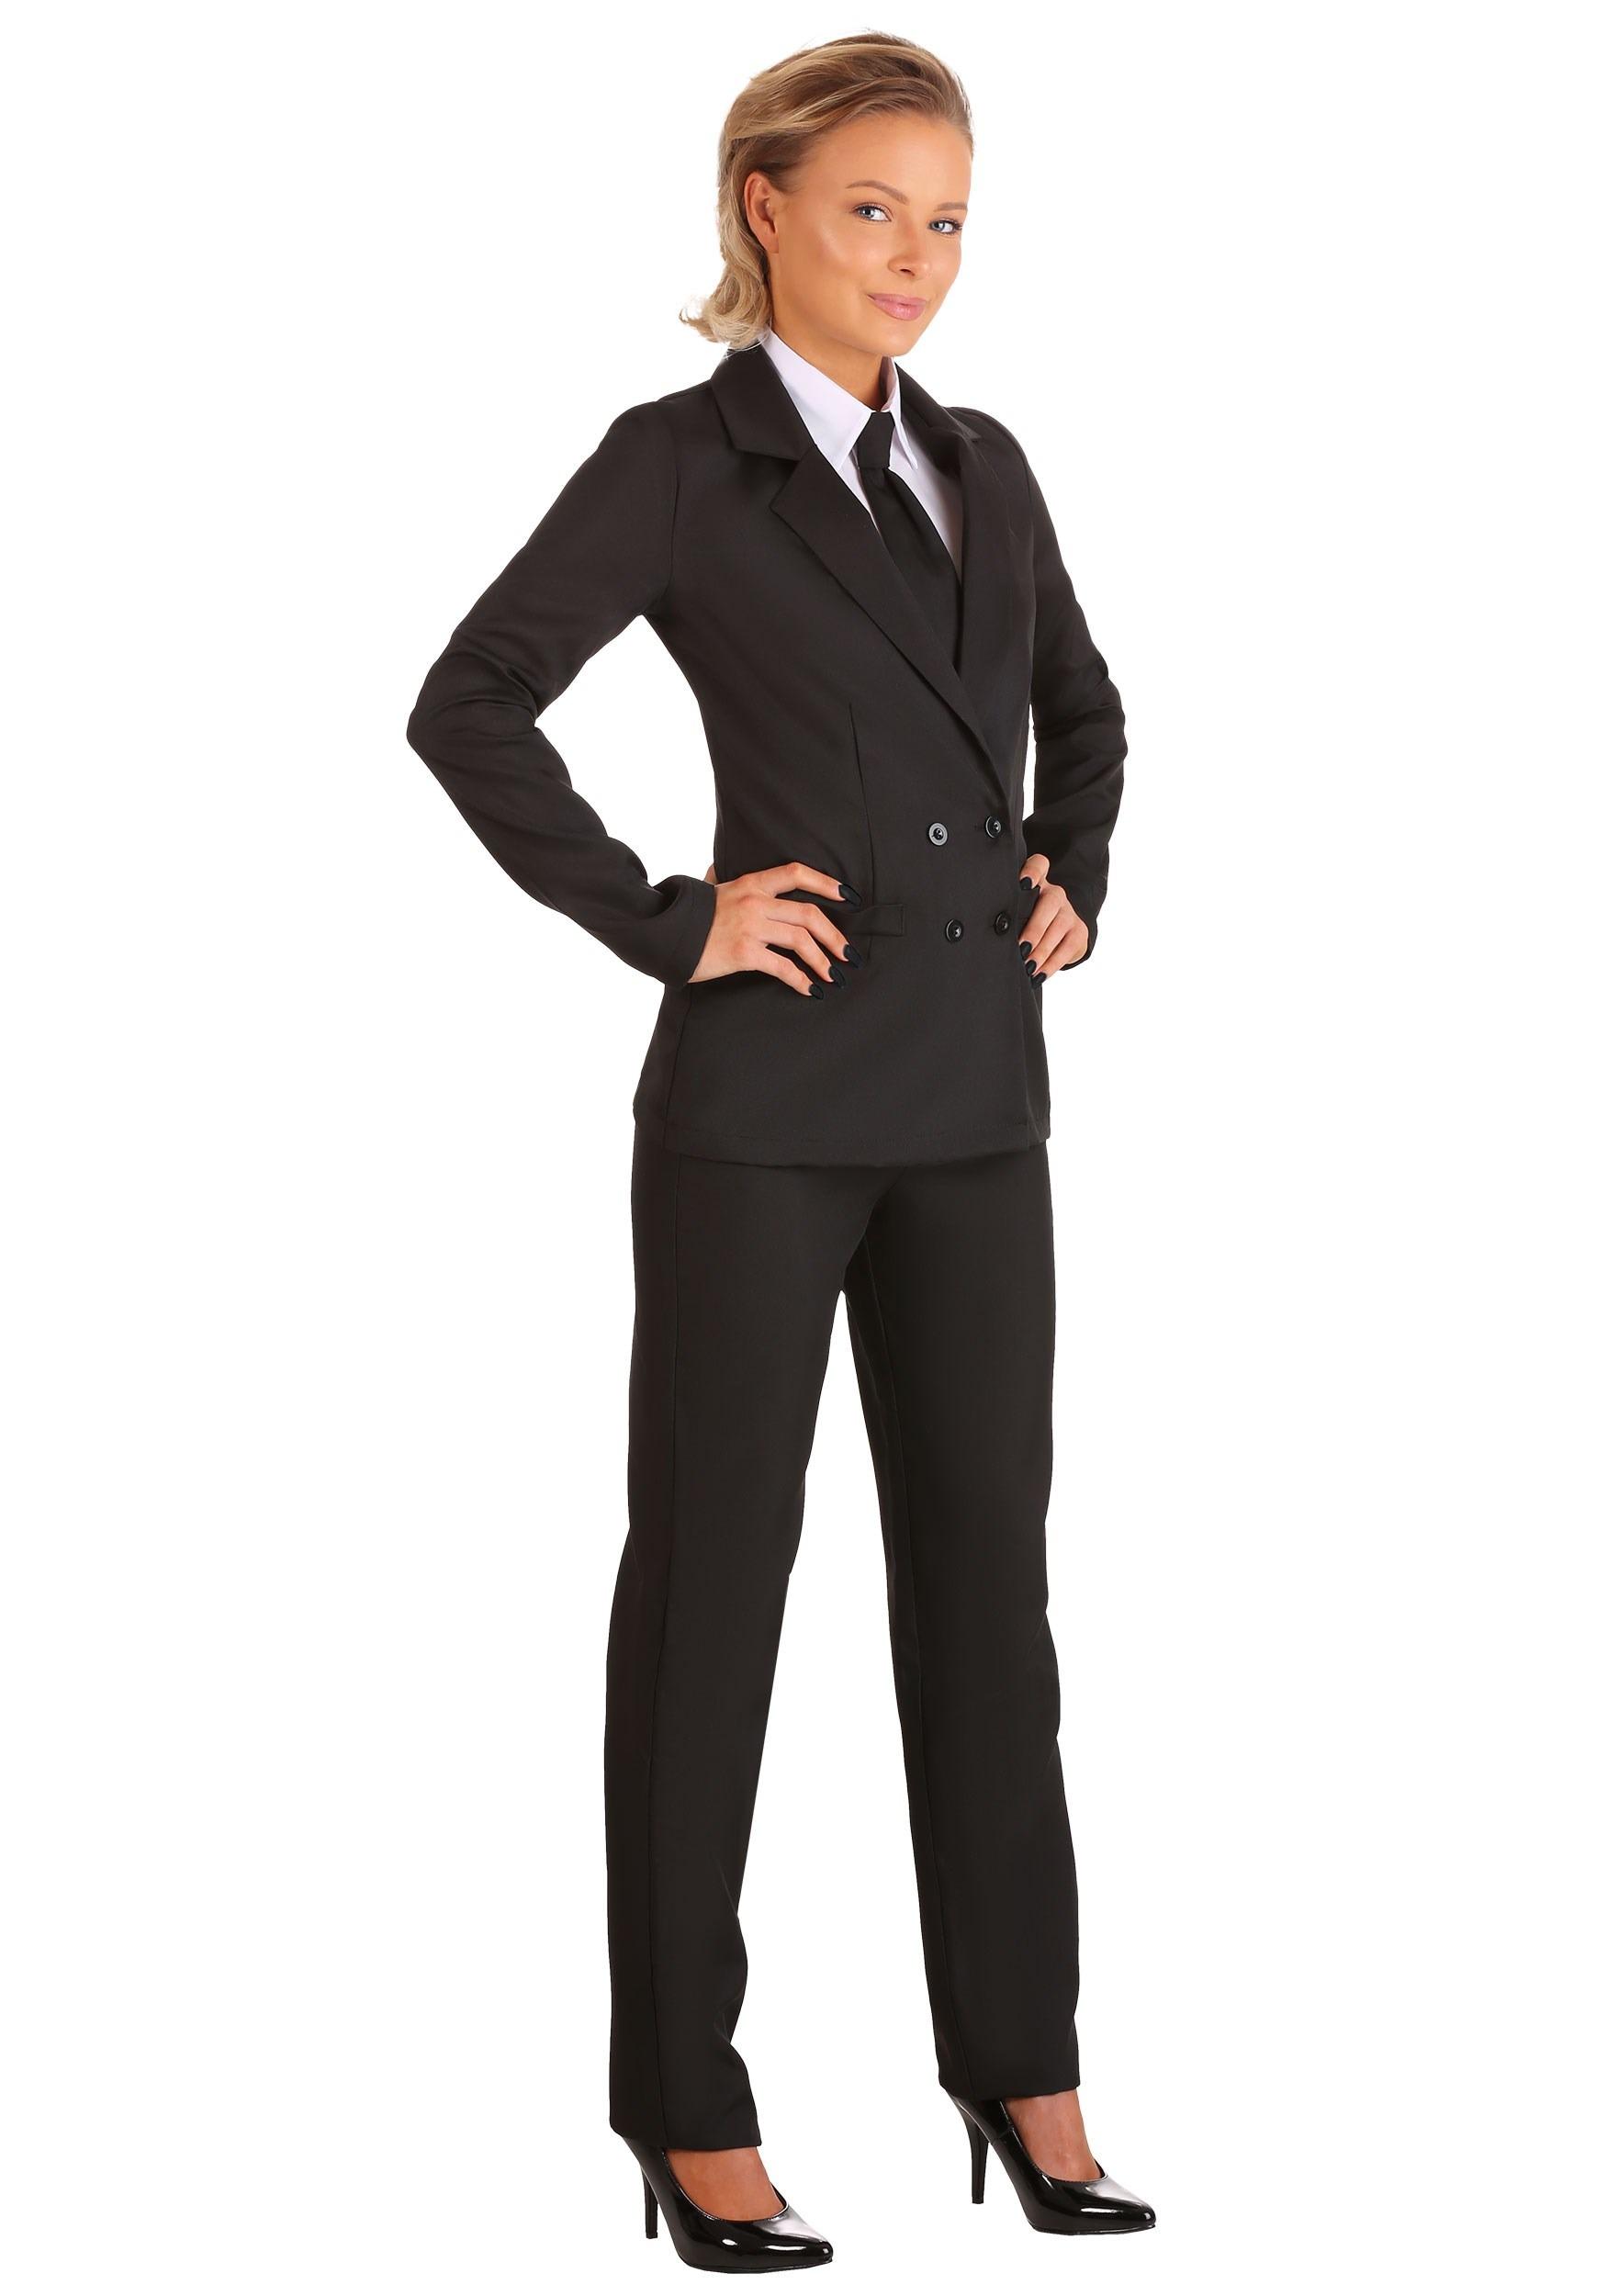 Black Women's Suit